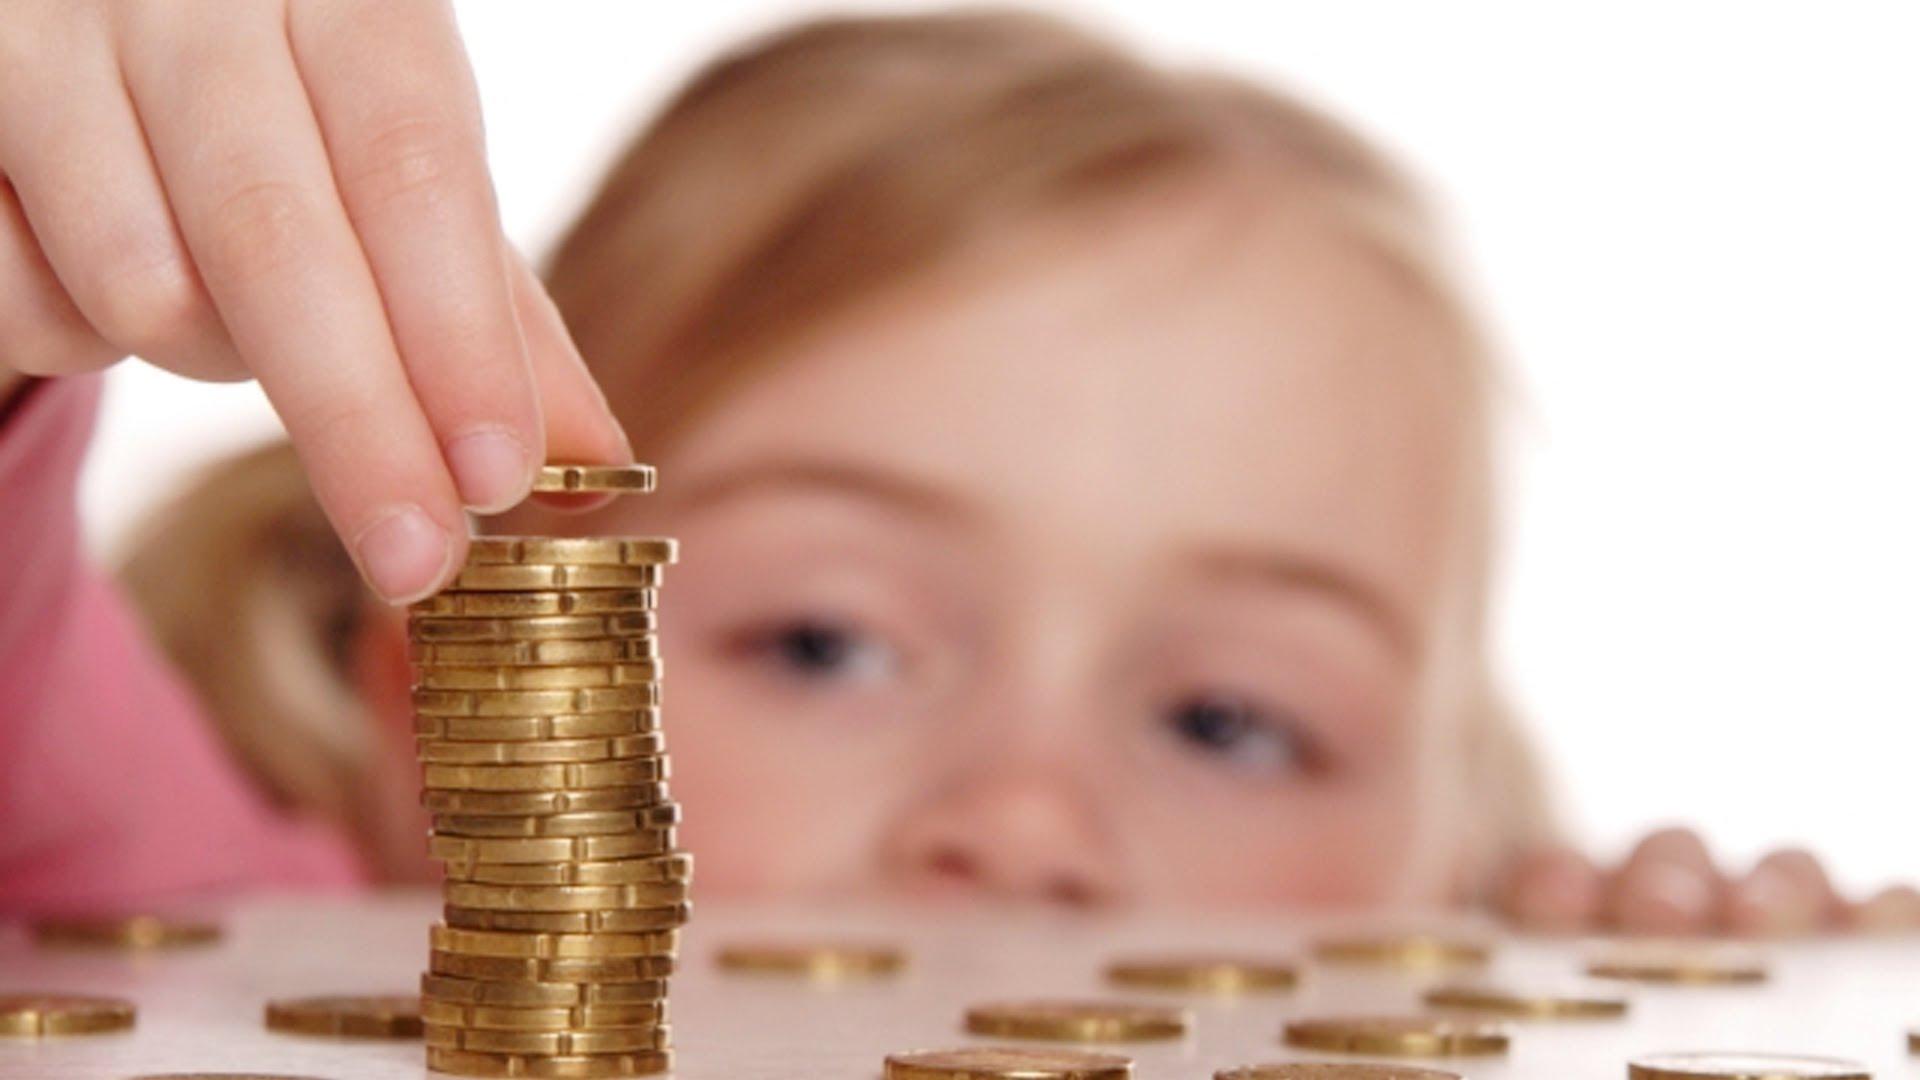 Детей необходимо учить отношениям с деньгами